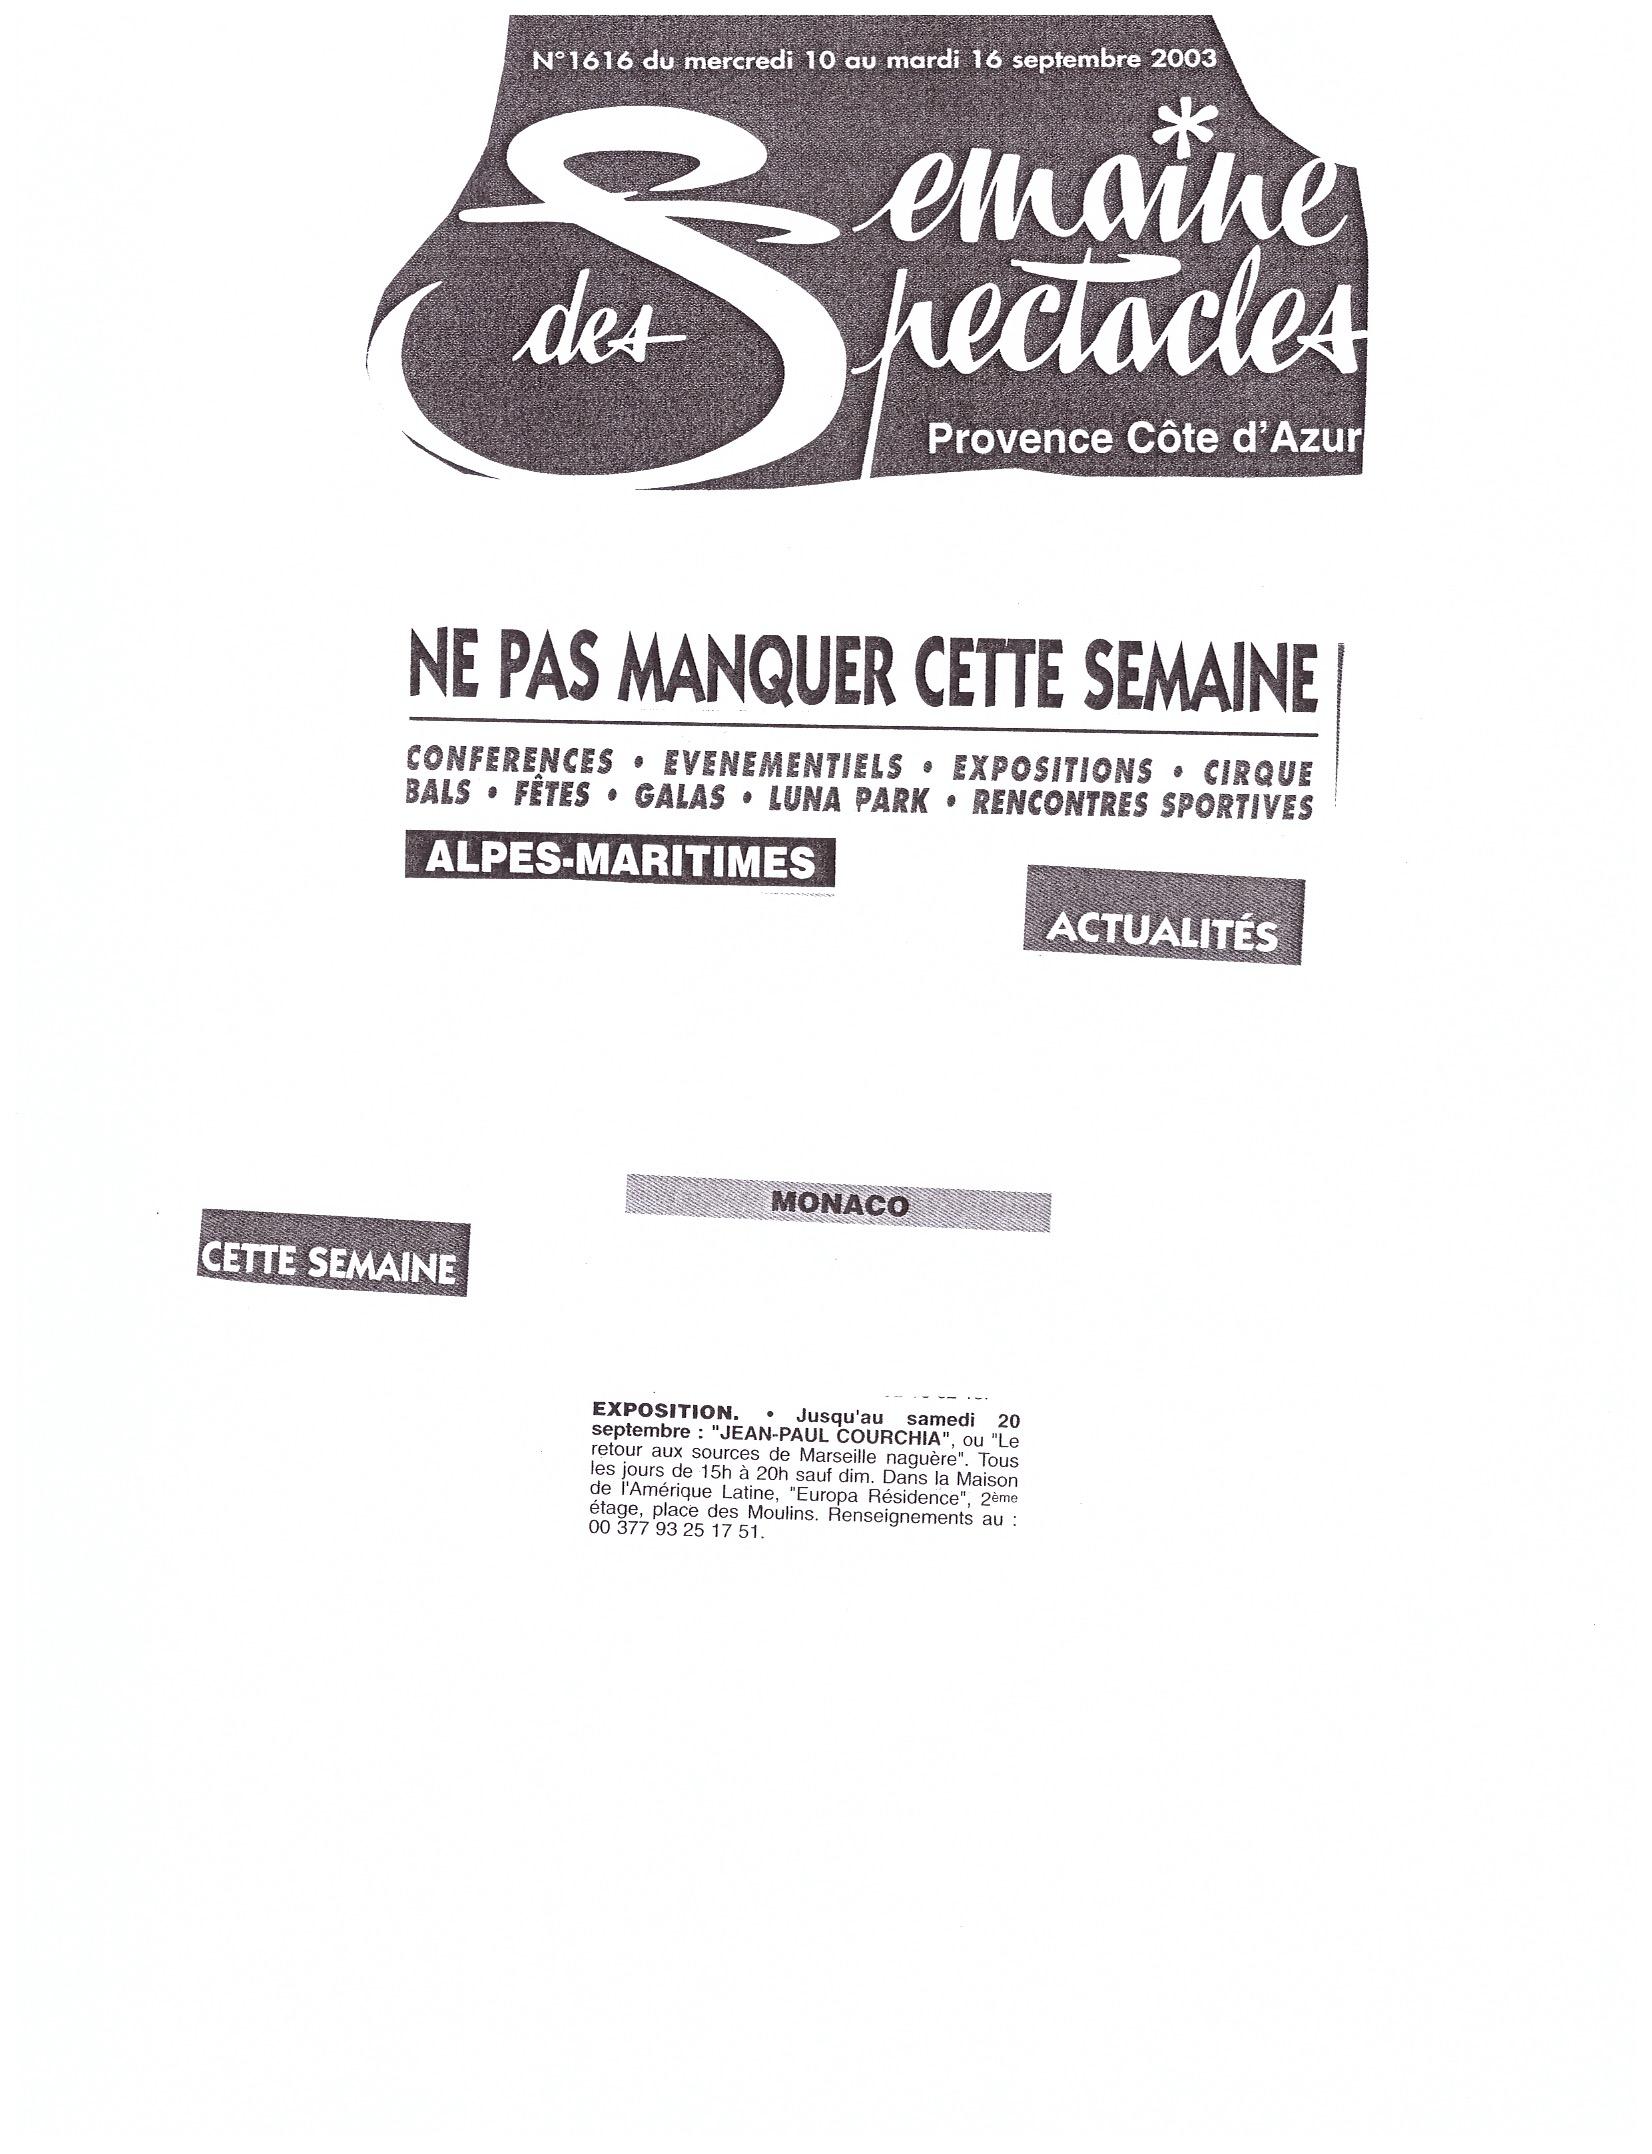 2003 MONACO P 22